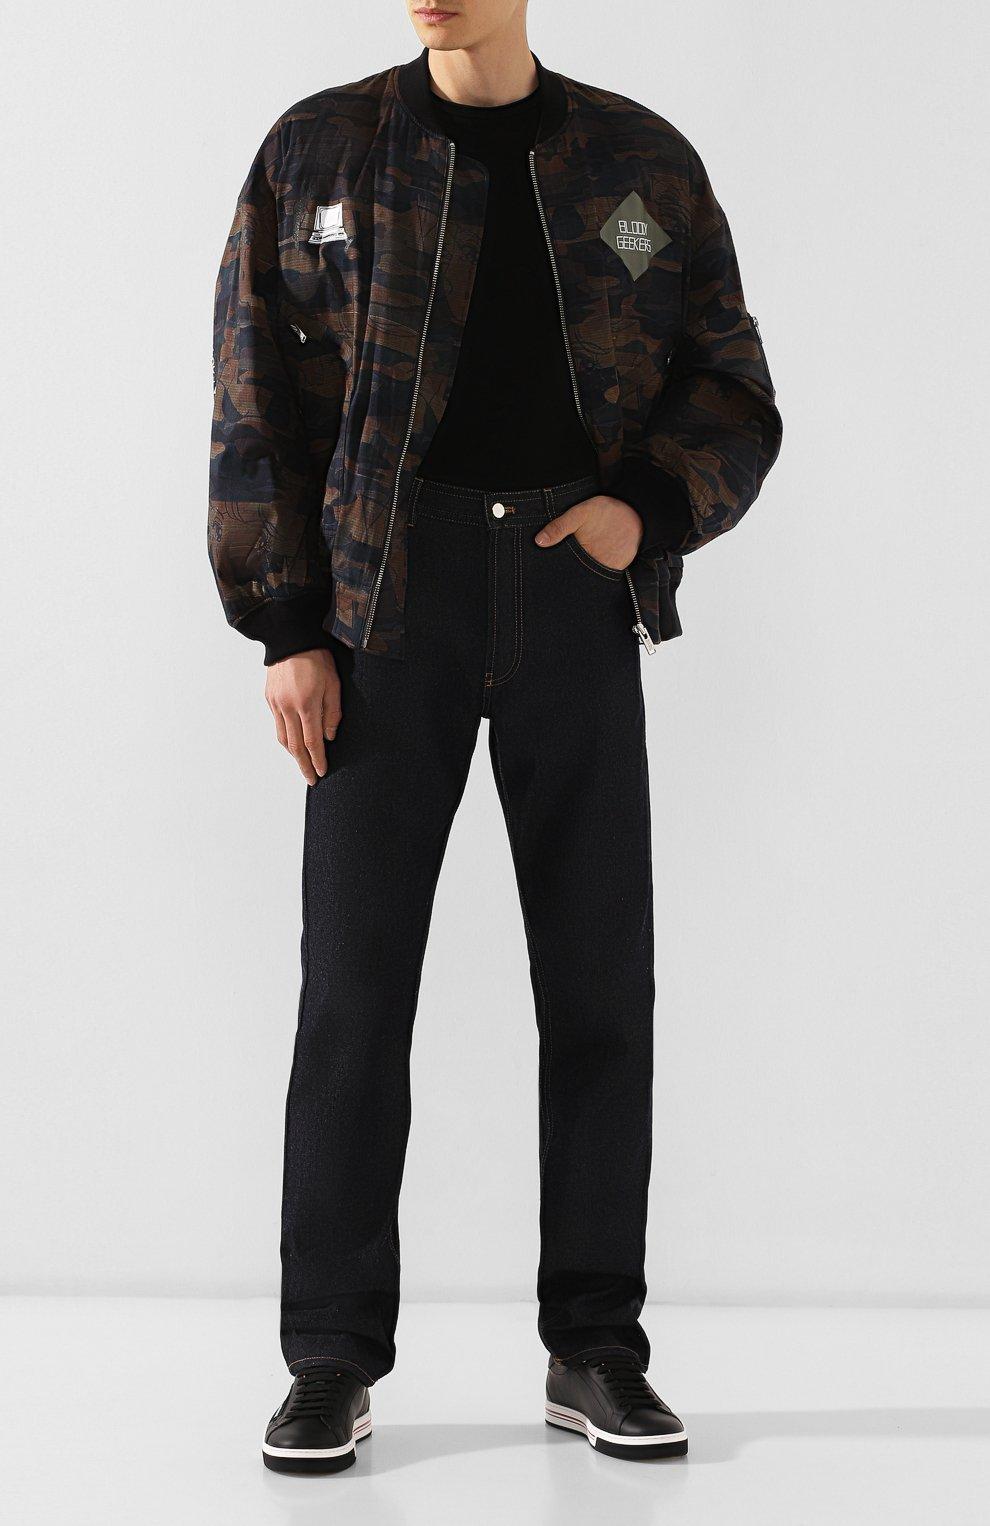 Мужские джинсы BOTTEGA VENETA темно-синего цвета, арт. 566888/VKBC0 | Фото 2 (Силуэт М (брюки): Прямые; Длина (брюки, джинсы): Стандартные; Материал внешний: Хлопок, Деним)